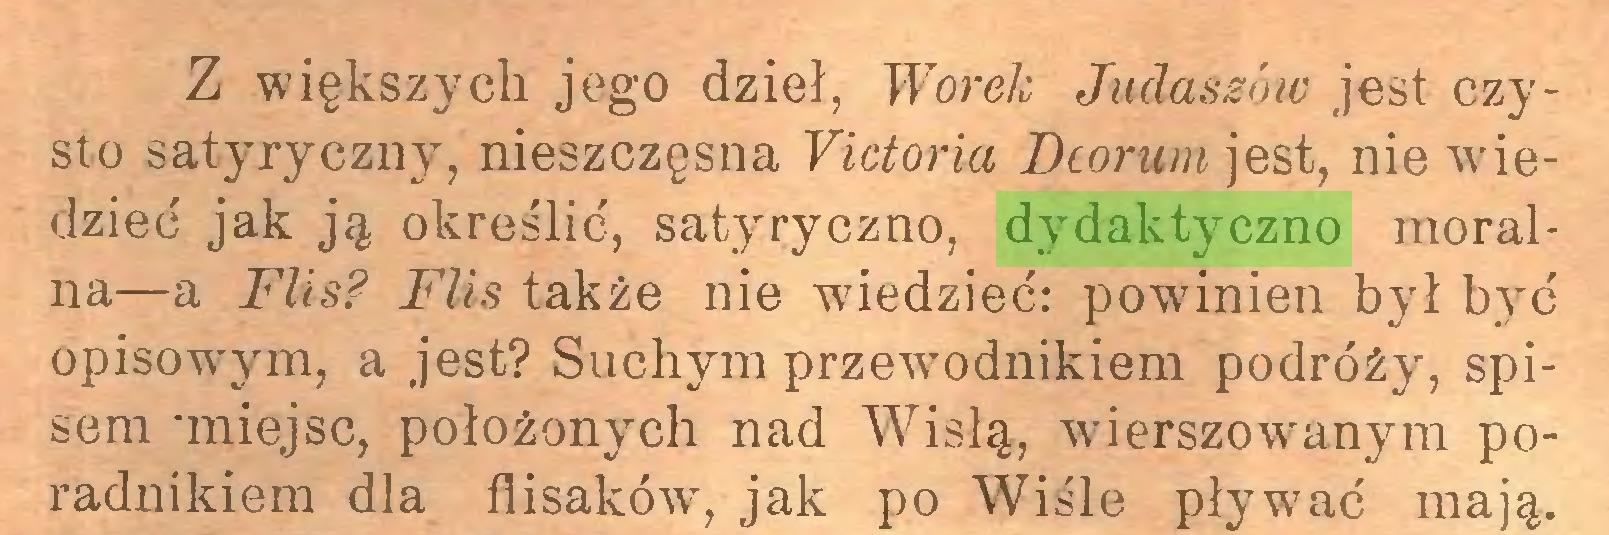 (...) Z większych jego dzieł, Worek Judaszów jest czysto satyryczny, nieszczęsna Yictoria Dcorum jest, nie wiedzieć jak ją określić, satyryczno, dydaktyczno moralna—a Flis? Flis także nie wiedzieć: powinien był być opisowrym, a jest? Suchym przew-odnikiem podróży, spisem 'miejsc, położonych nad Wisłą, wierszowanym poradnikiem dla flisaków7-, jak po Wiśle pływrać mają...